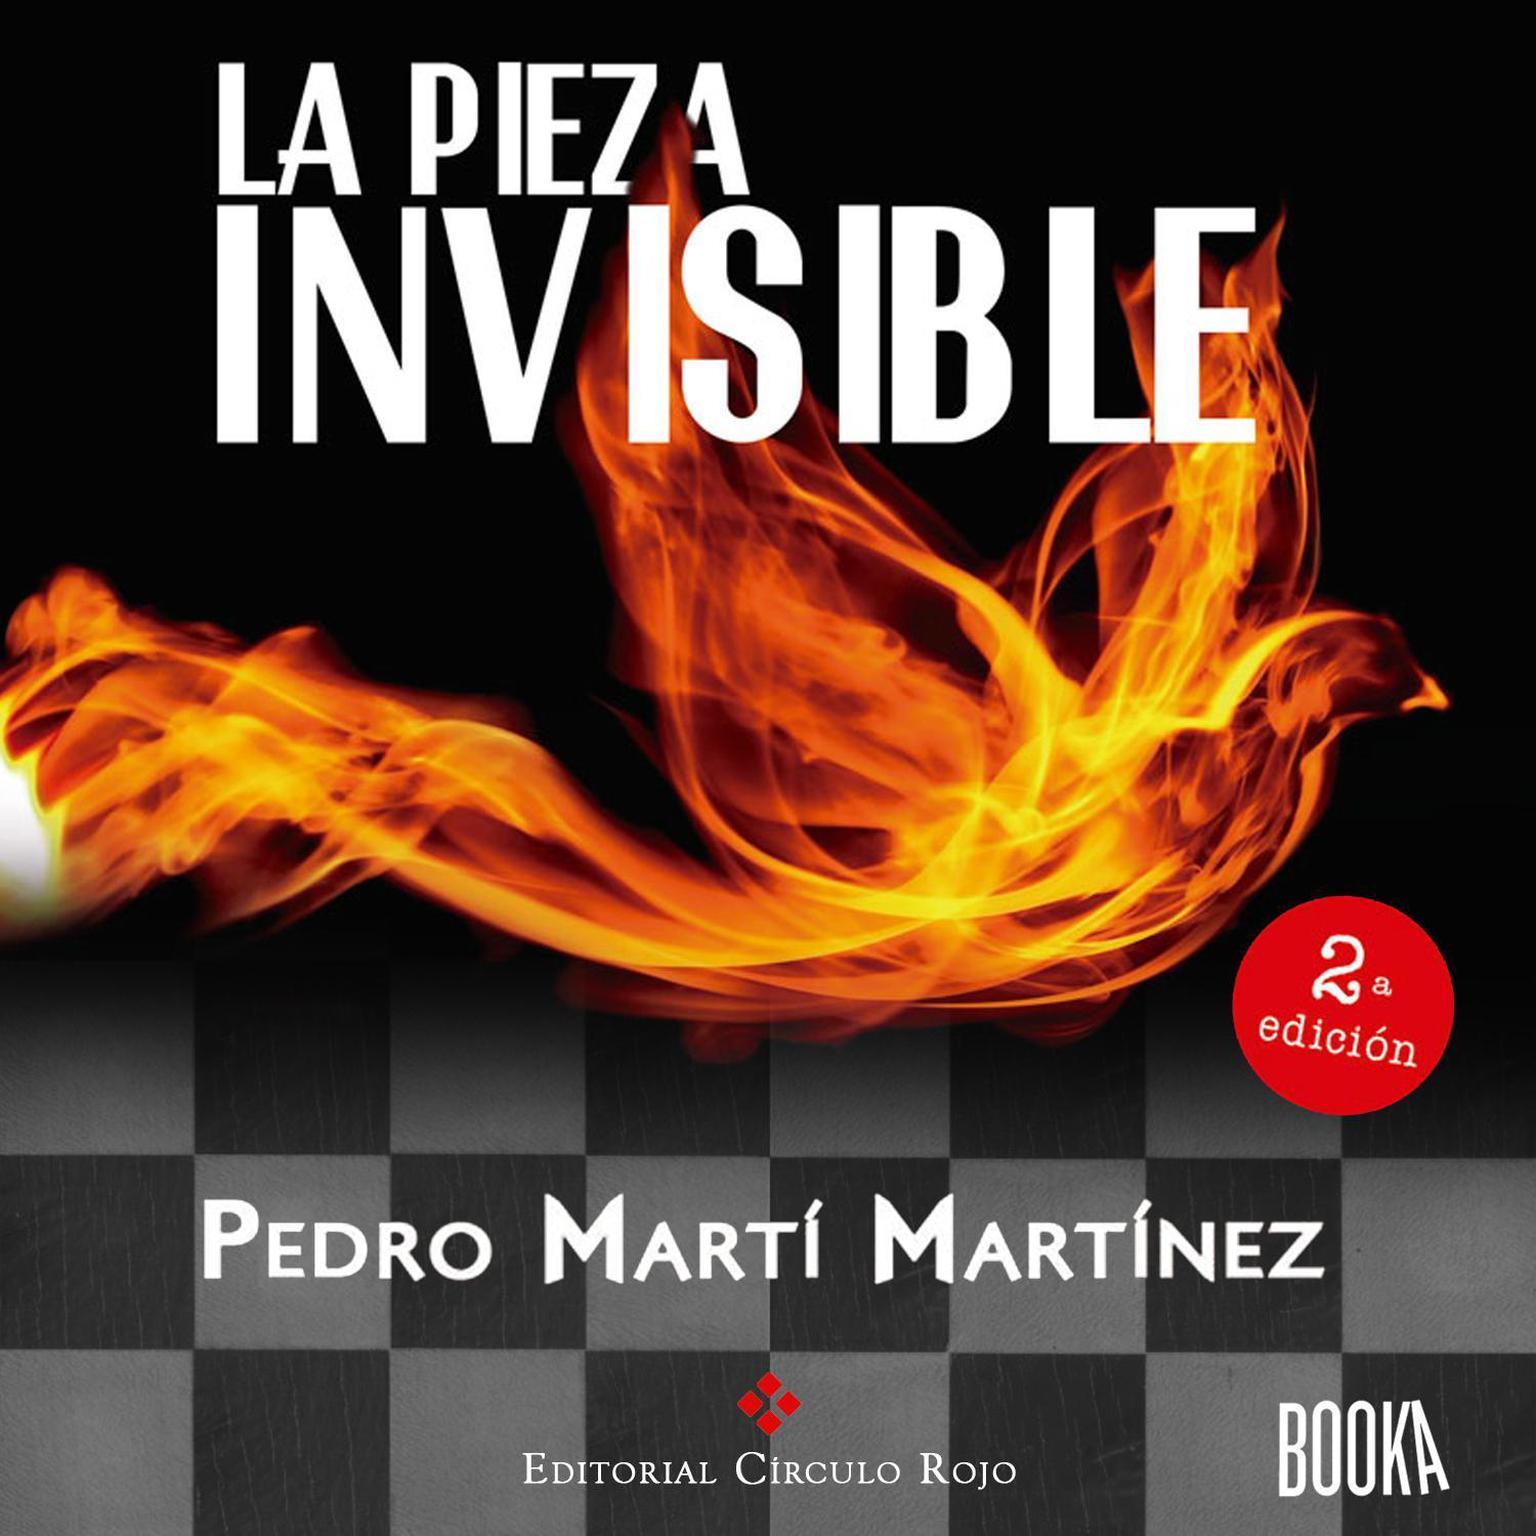 La Pieza Invisible Audiobook, by Pedro Marti